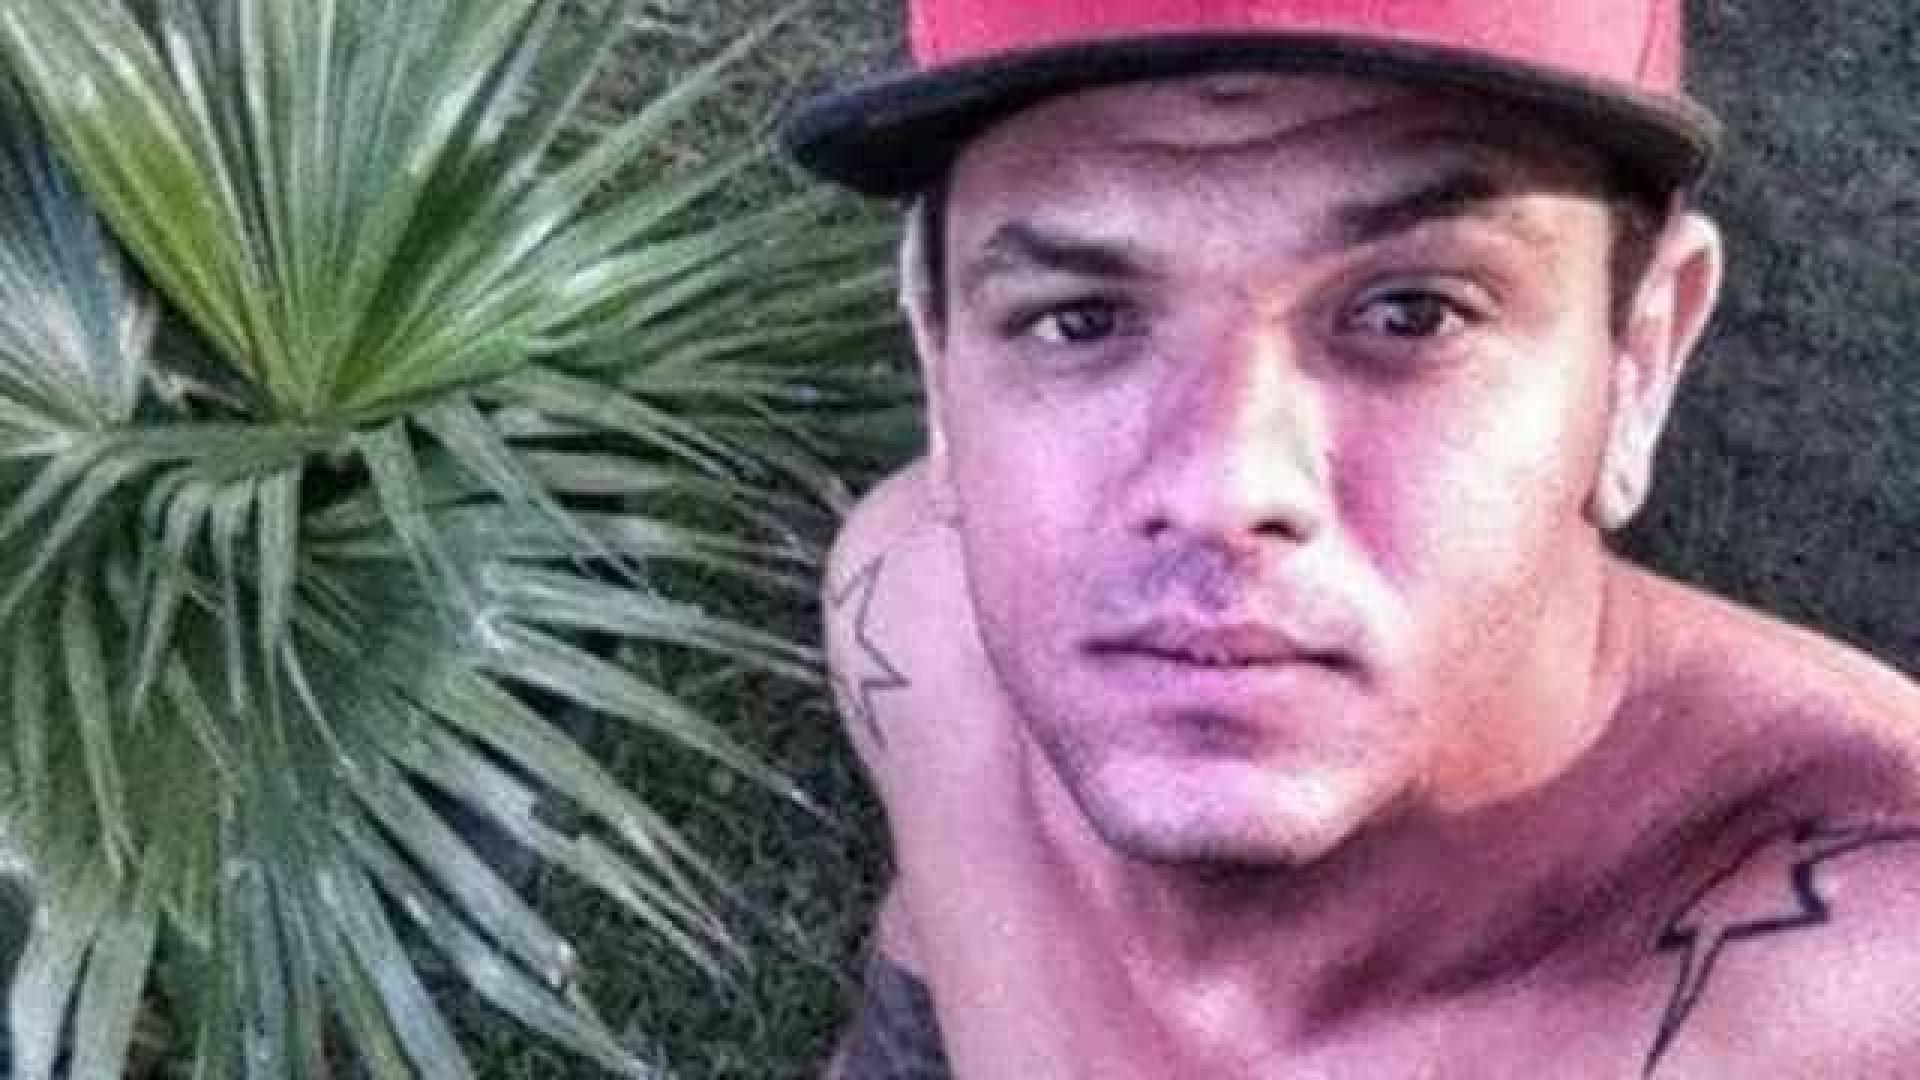 Jovem esquartejado em vídeo do WhatsApp pode ser desaparecido no RJ